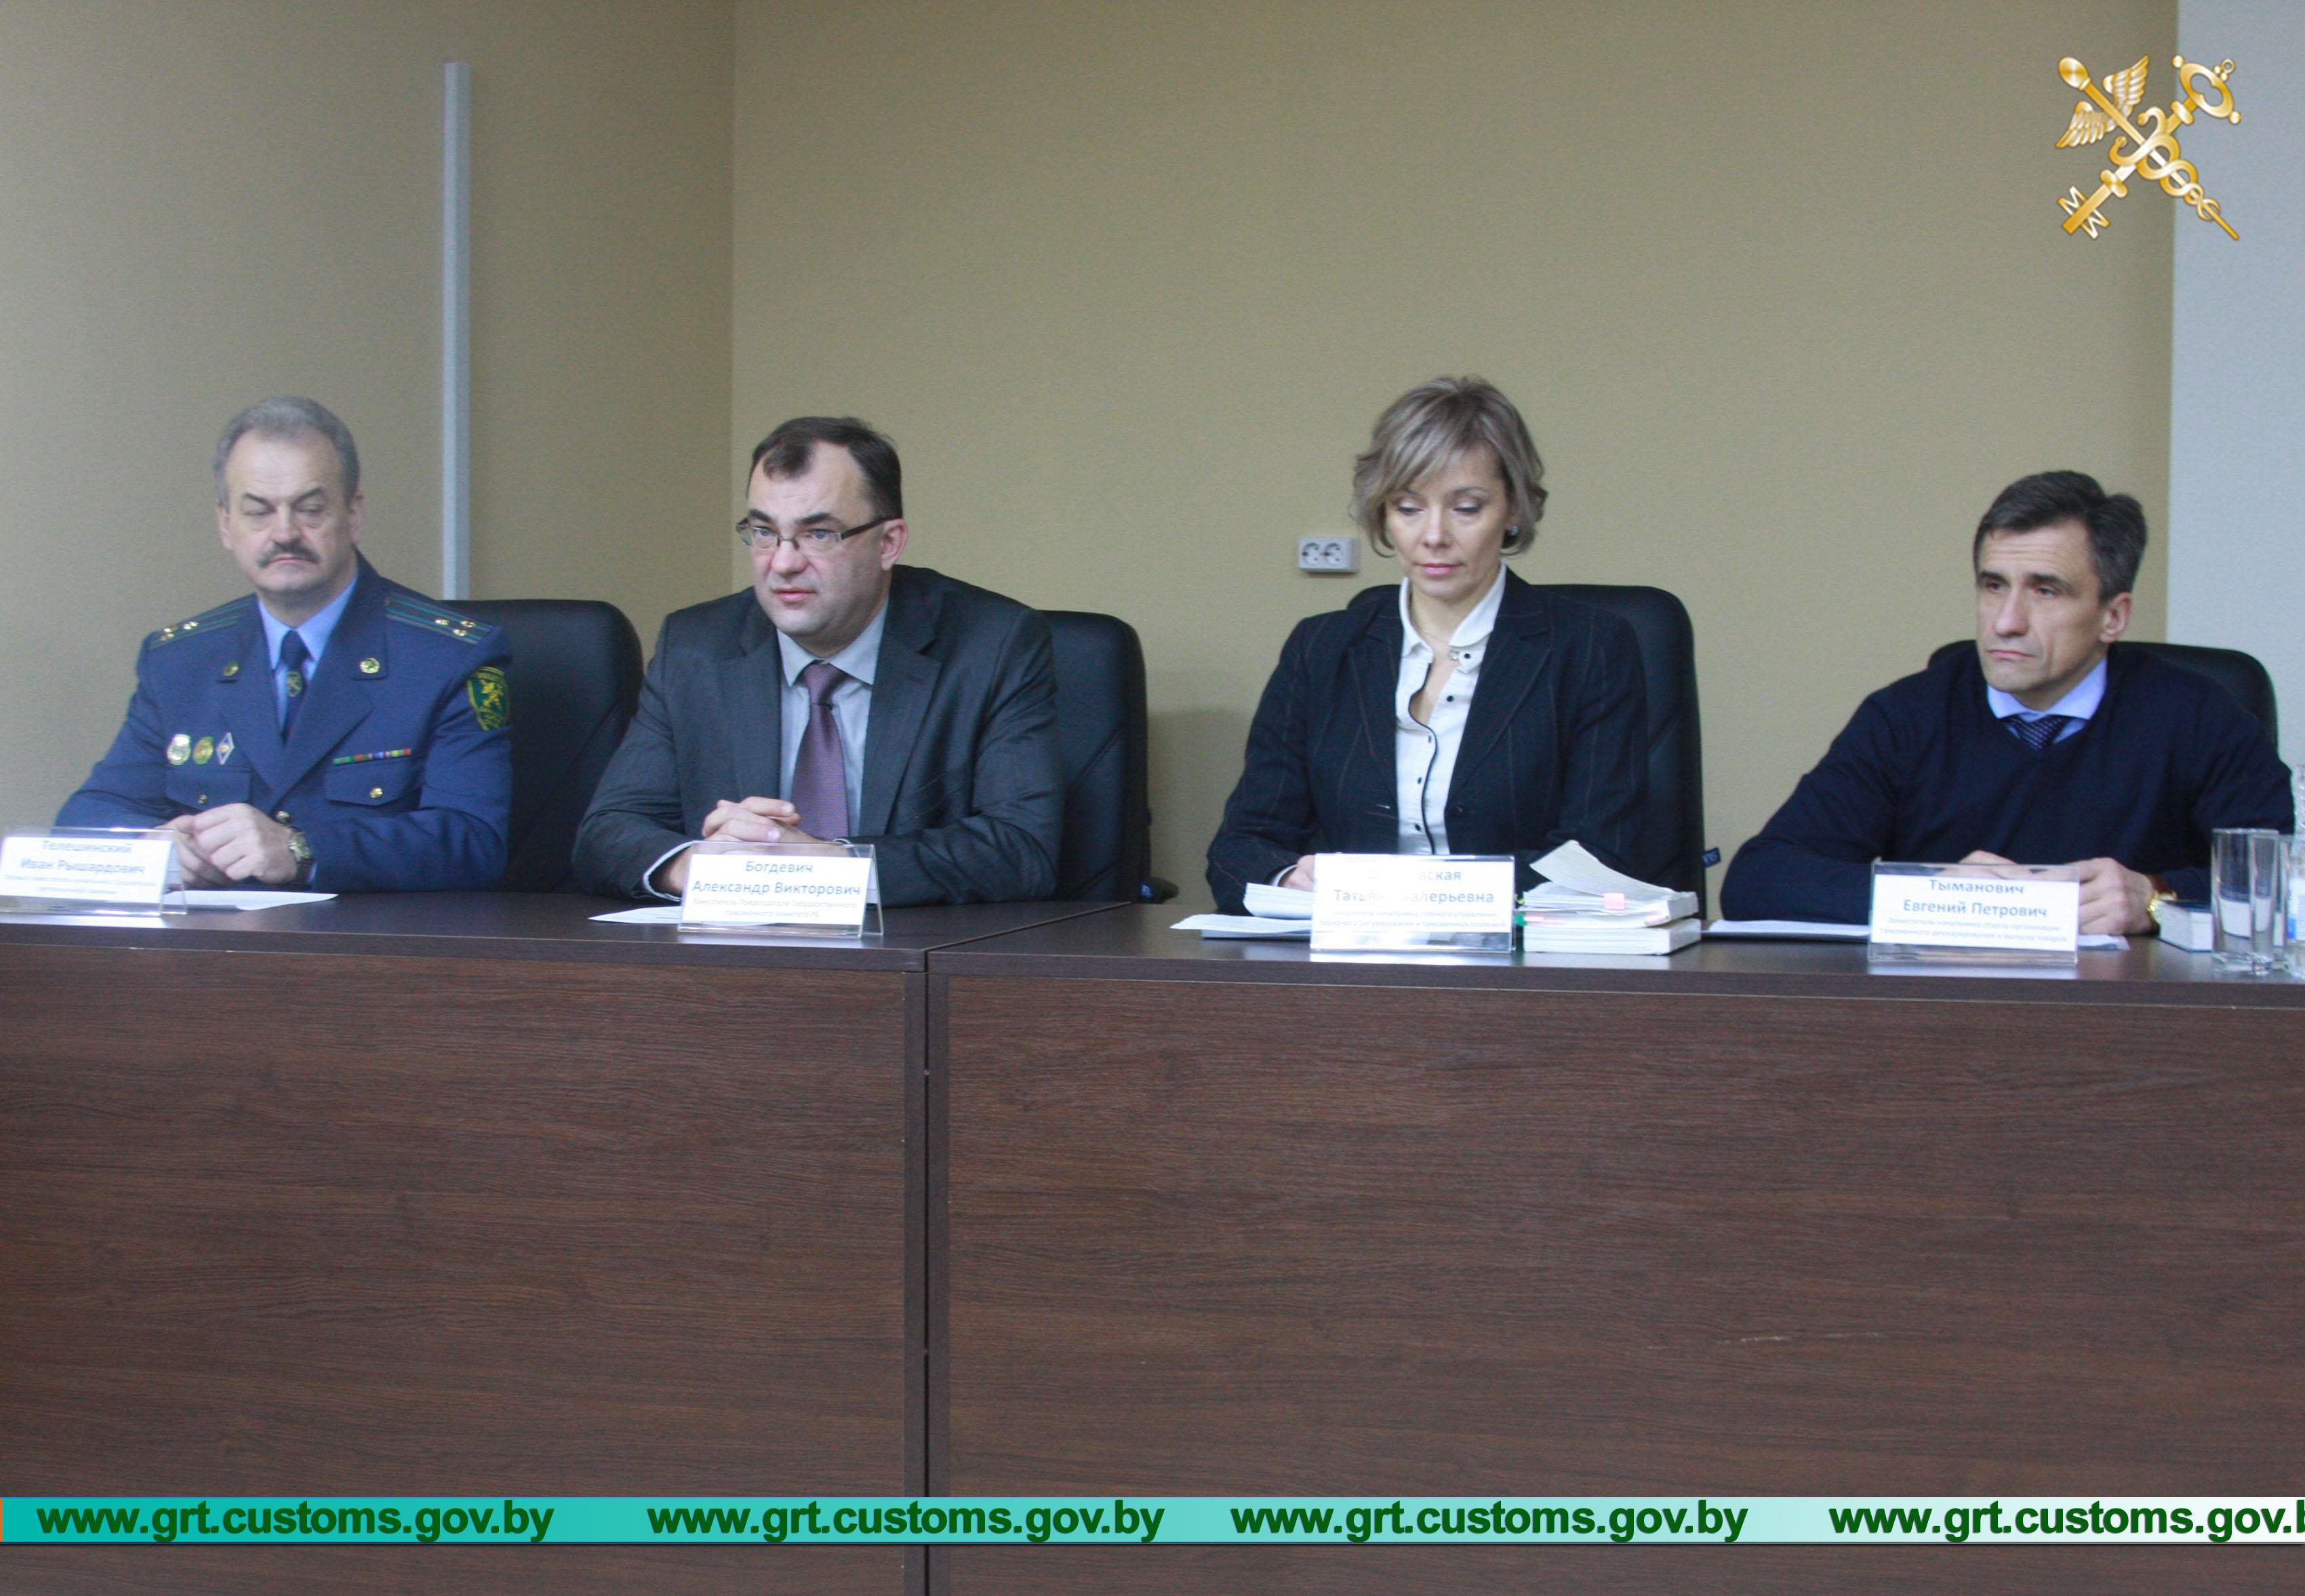 Таможня и бизнес за круглым столом. На семинаре в Гродно в таком составе обсудили нововведения в таможенном законодательстве